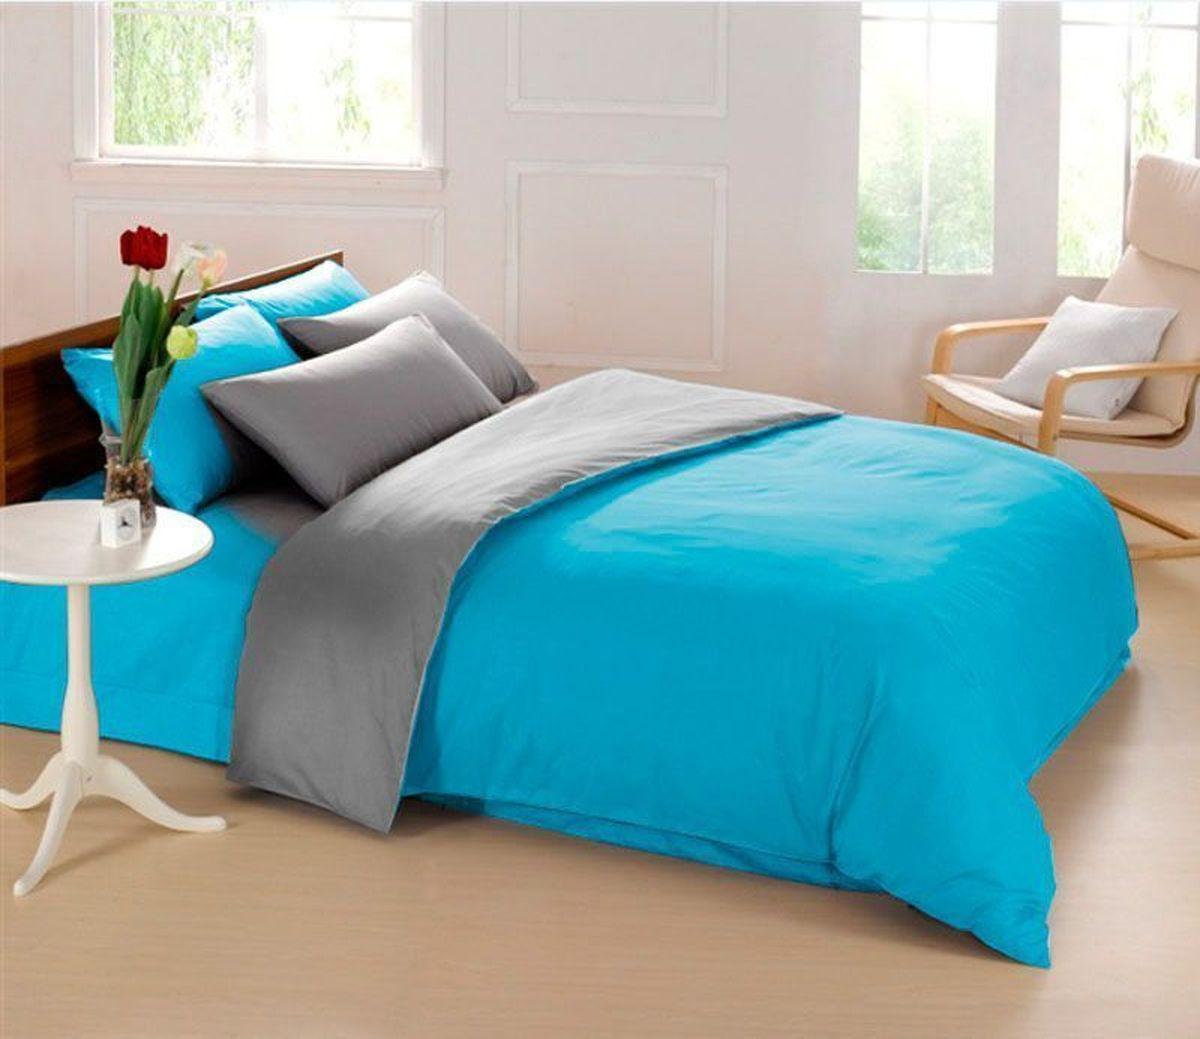 Комплект белья Sleep iX Perfection, семейный, наволочки 50х70, 70х70,цвет: голубой, серый391602Комплект постельного белья Sleep iX Perfection состоит из двух пододеяльников, простыни и четырех наволочек. Предметы комплекта выполнены из абсолютно гипоаллергенной микрофибры, неприхотливой в уходе.Благодаря такому комплекту постельного белья вы сможете создать атмосферу уюта и комфорта в вашей спальне.Известно, что цвет напрямую воздействует на психологическое и физическое состояние человека. Голубой – вызывает чувство беззаботности и умиротворения. Способствует нежности и мечтательности, понижению активности и эмоционального напряжения, вызывает ощущение прохлады.Серый – нейтральный цвет. Расслабляет, помогает успокоиться и способствует здоровому сну. Усиливает воздействие соседствующих цветов.